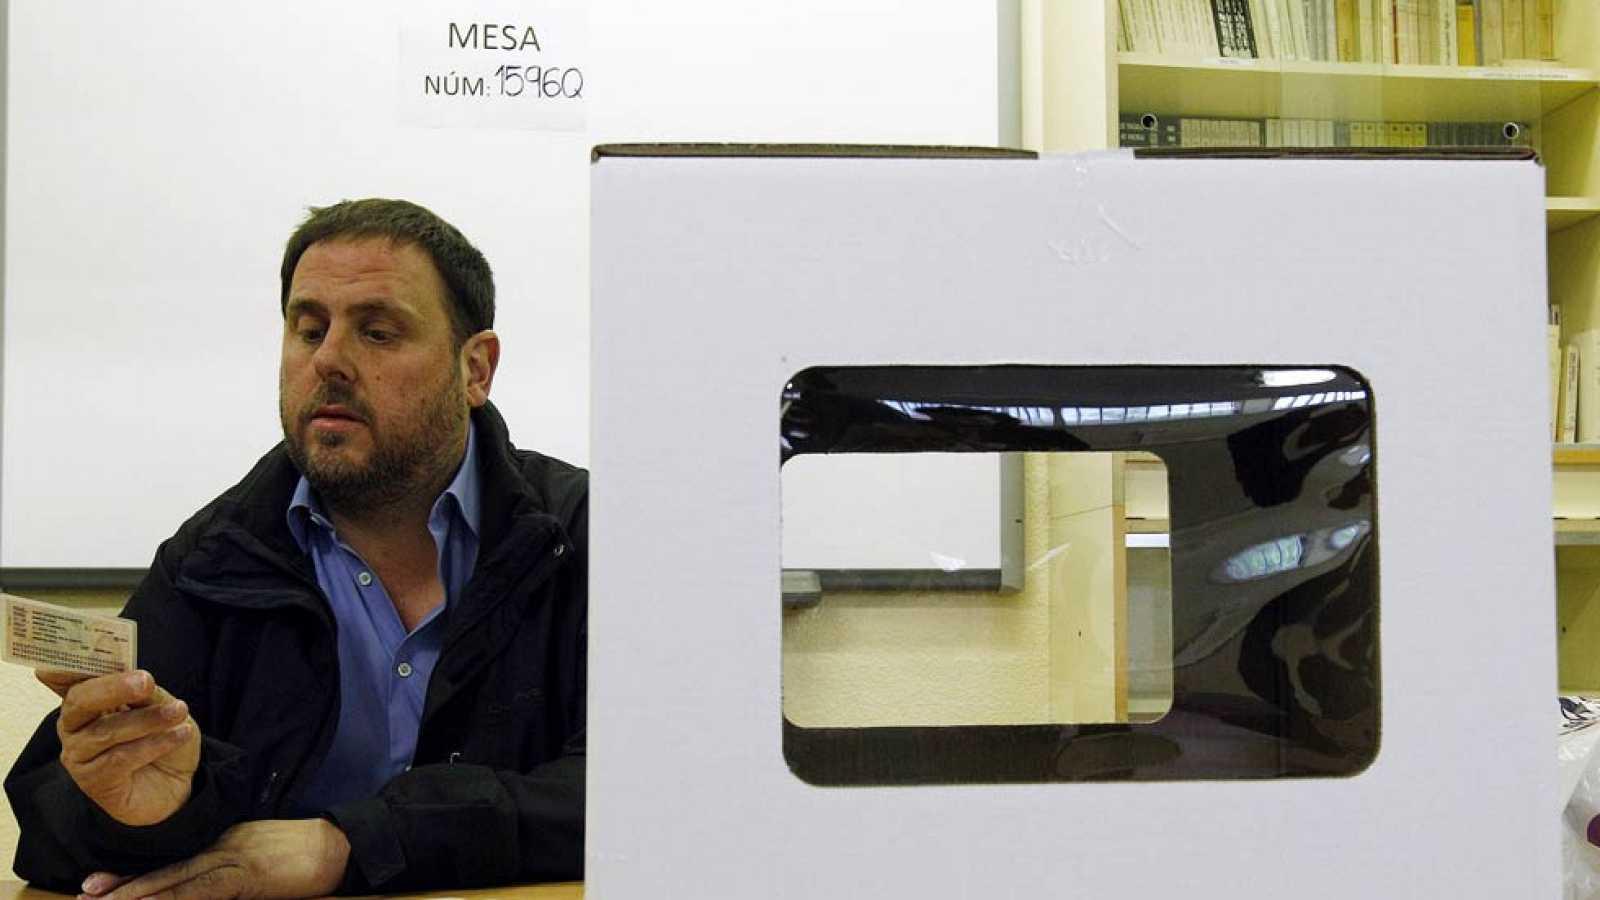 Miembros del gobierno catalán y representantes de los partidos proconsulta han acudido a votar